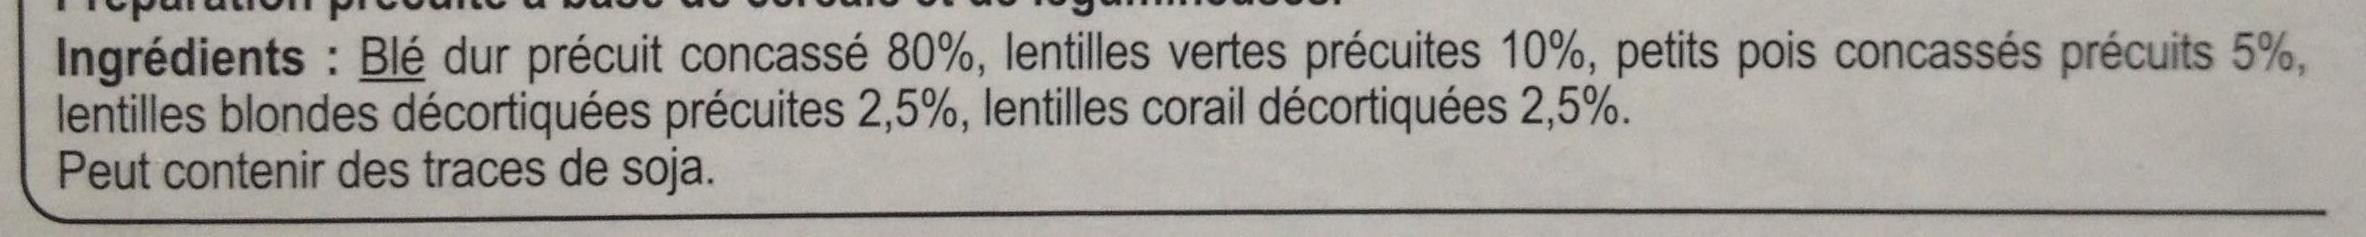 melanges gourmands - Ingrédients - fr